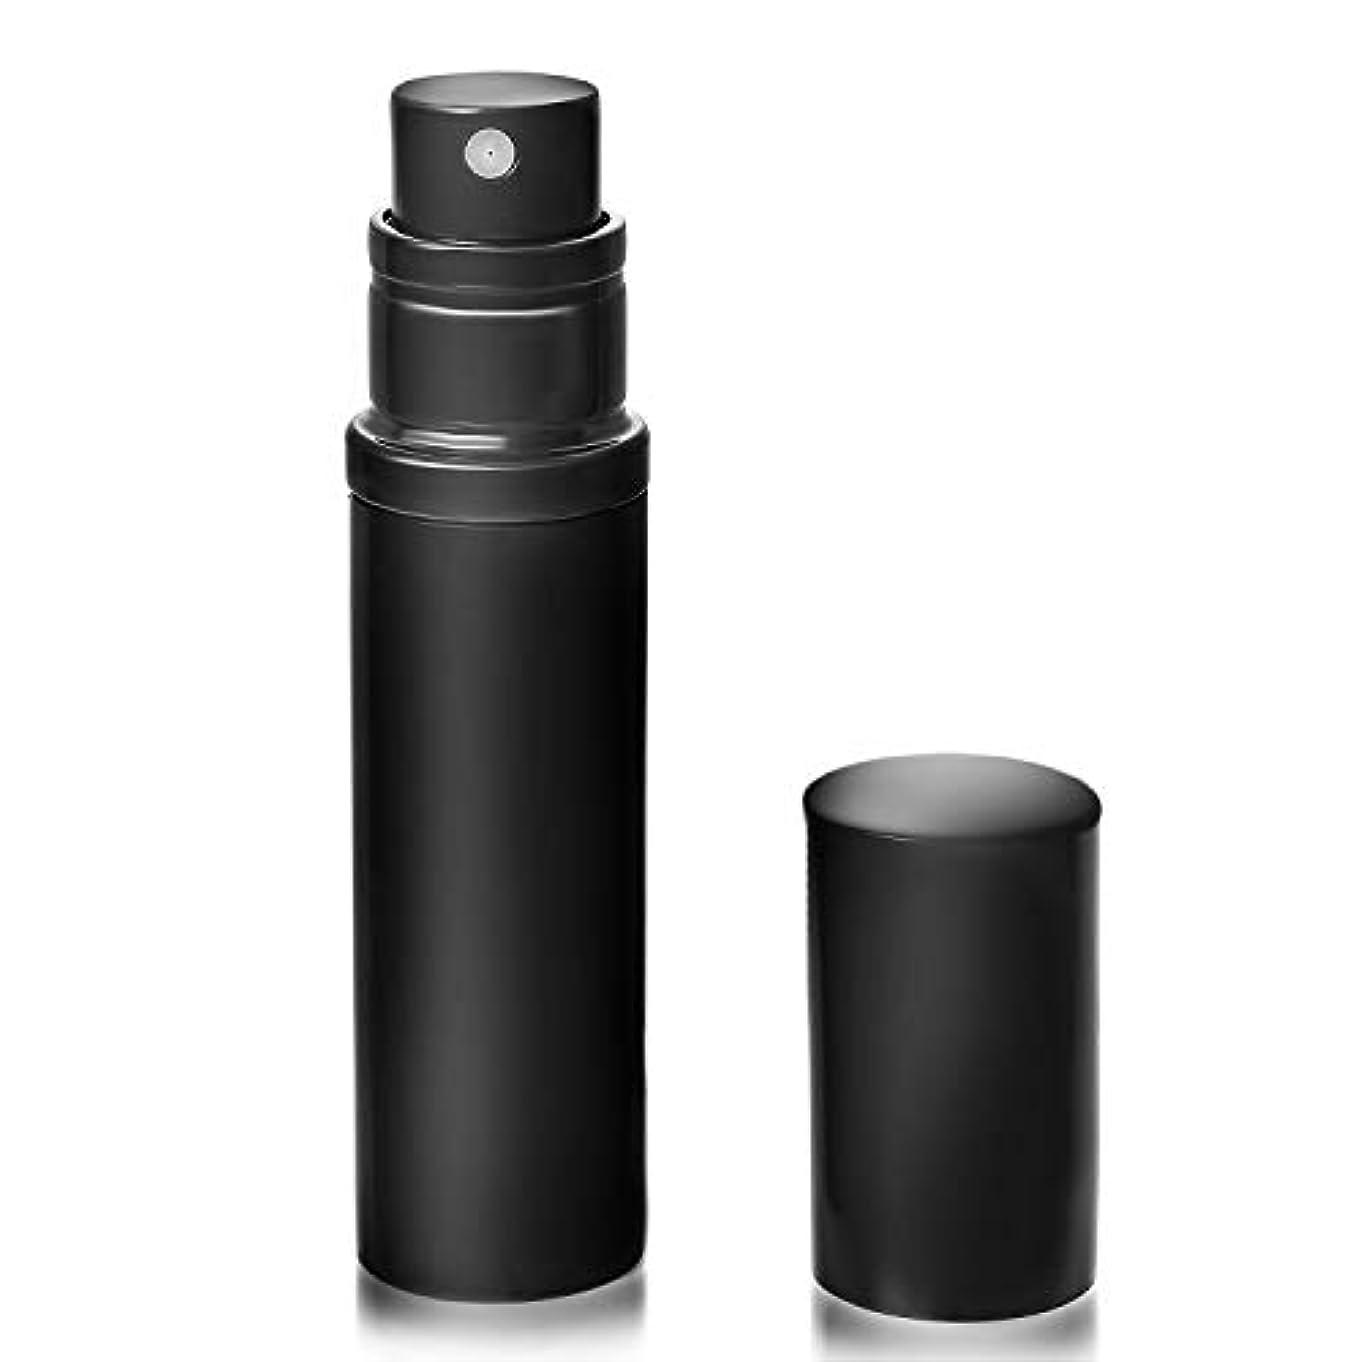 ハッチ圧縮された寛解アトマイザ- 香水 クイックアトマイザー ワンタッチ 入れ物 簡単 持ち運び 詰め替え ポータブルクイック 容器 香水噴霧器 ブラック YOOMARO